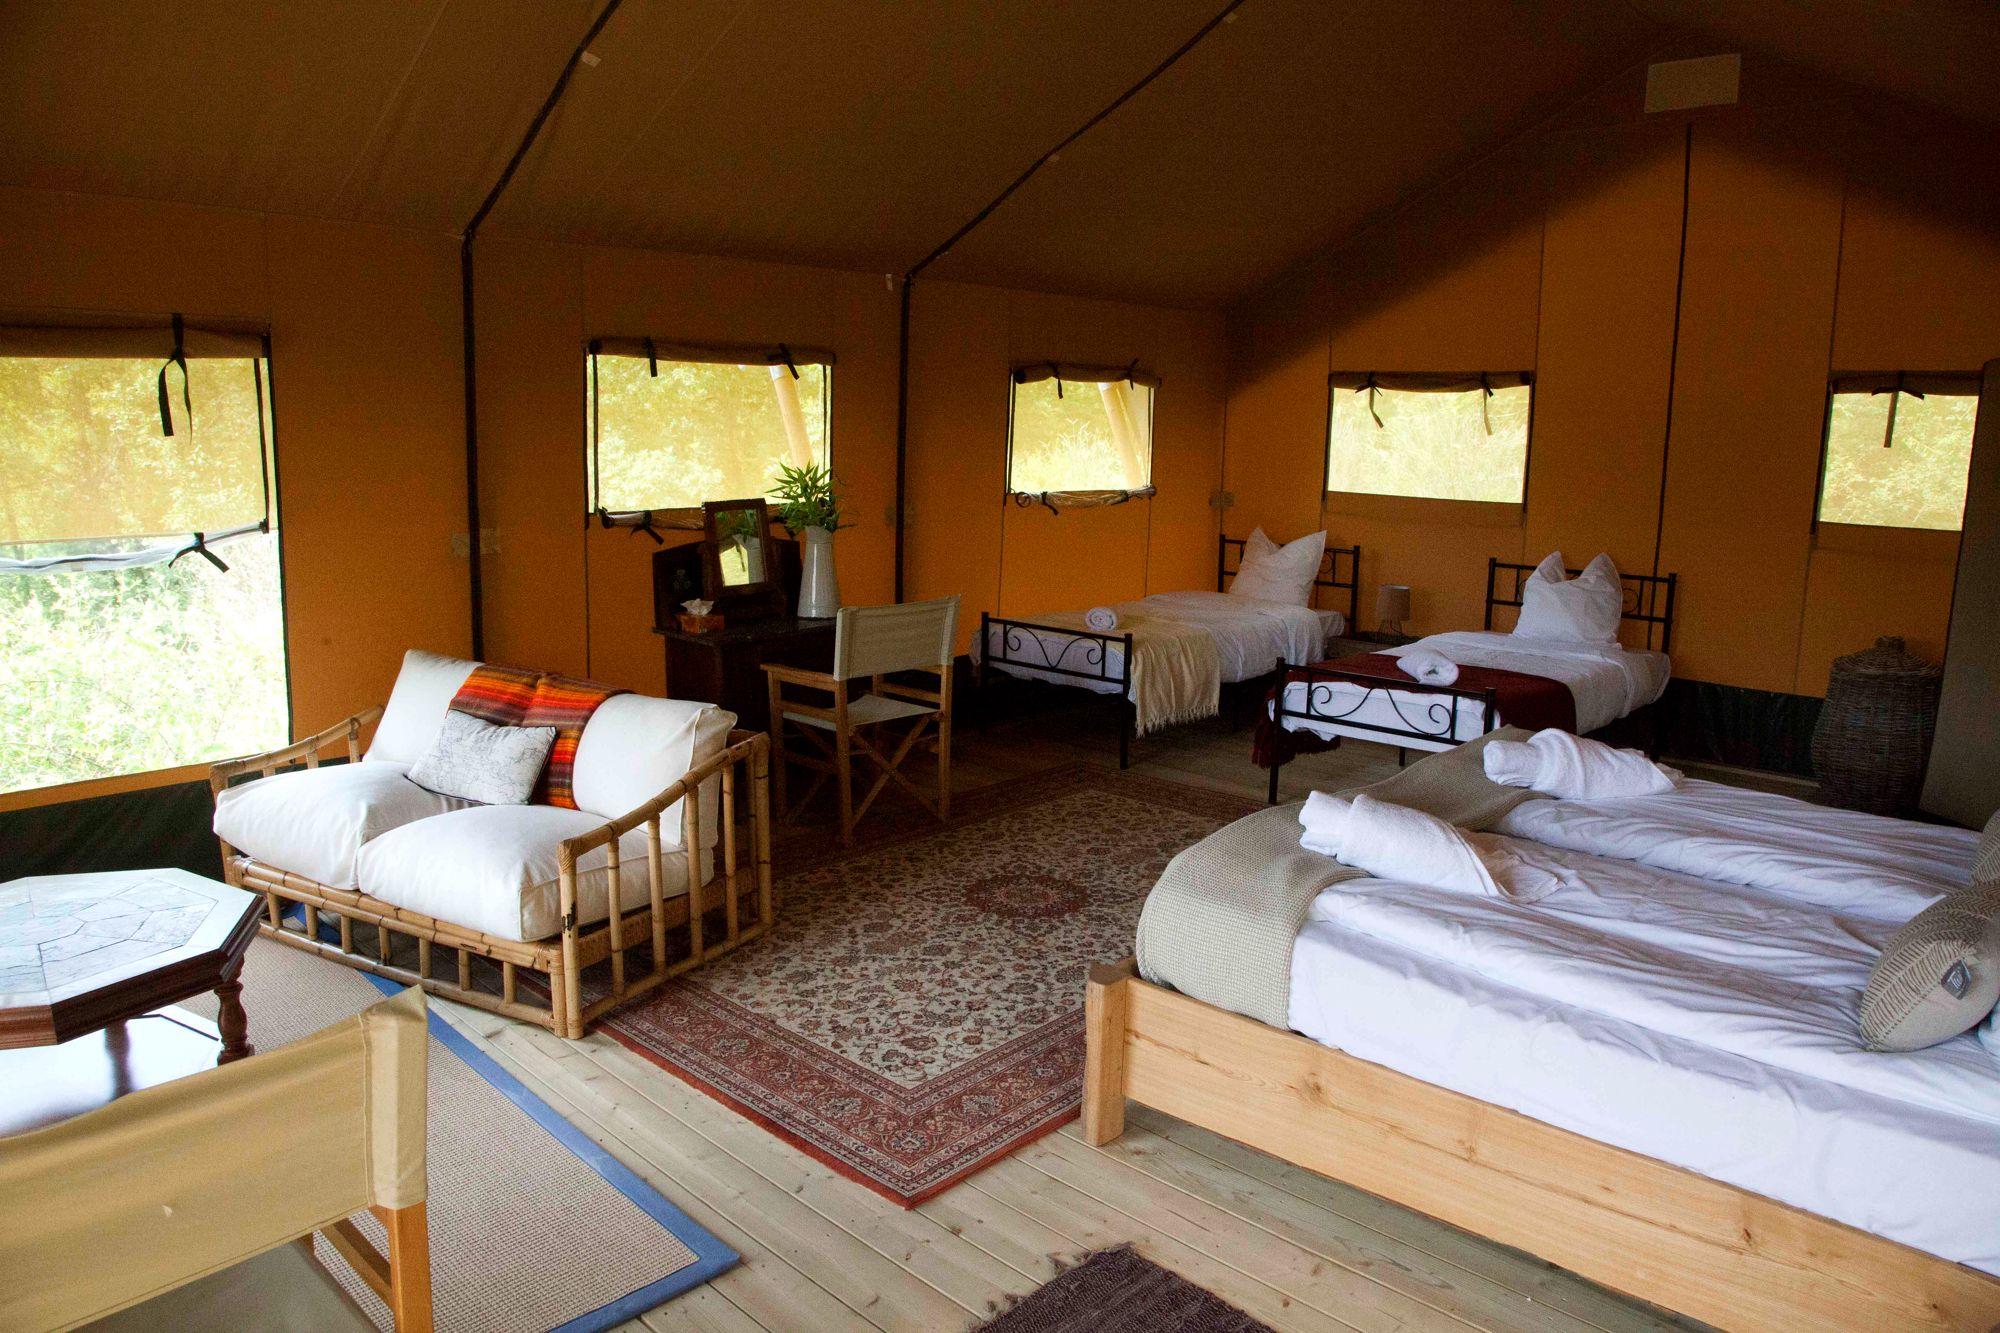 Meru Ensuite Safari Tent At Le Camp Cool Camping